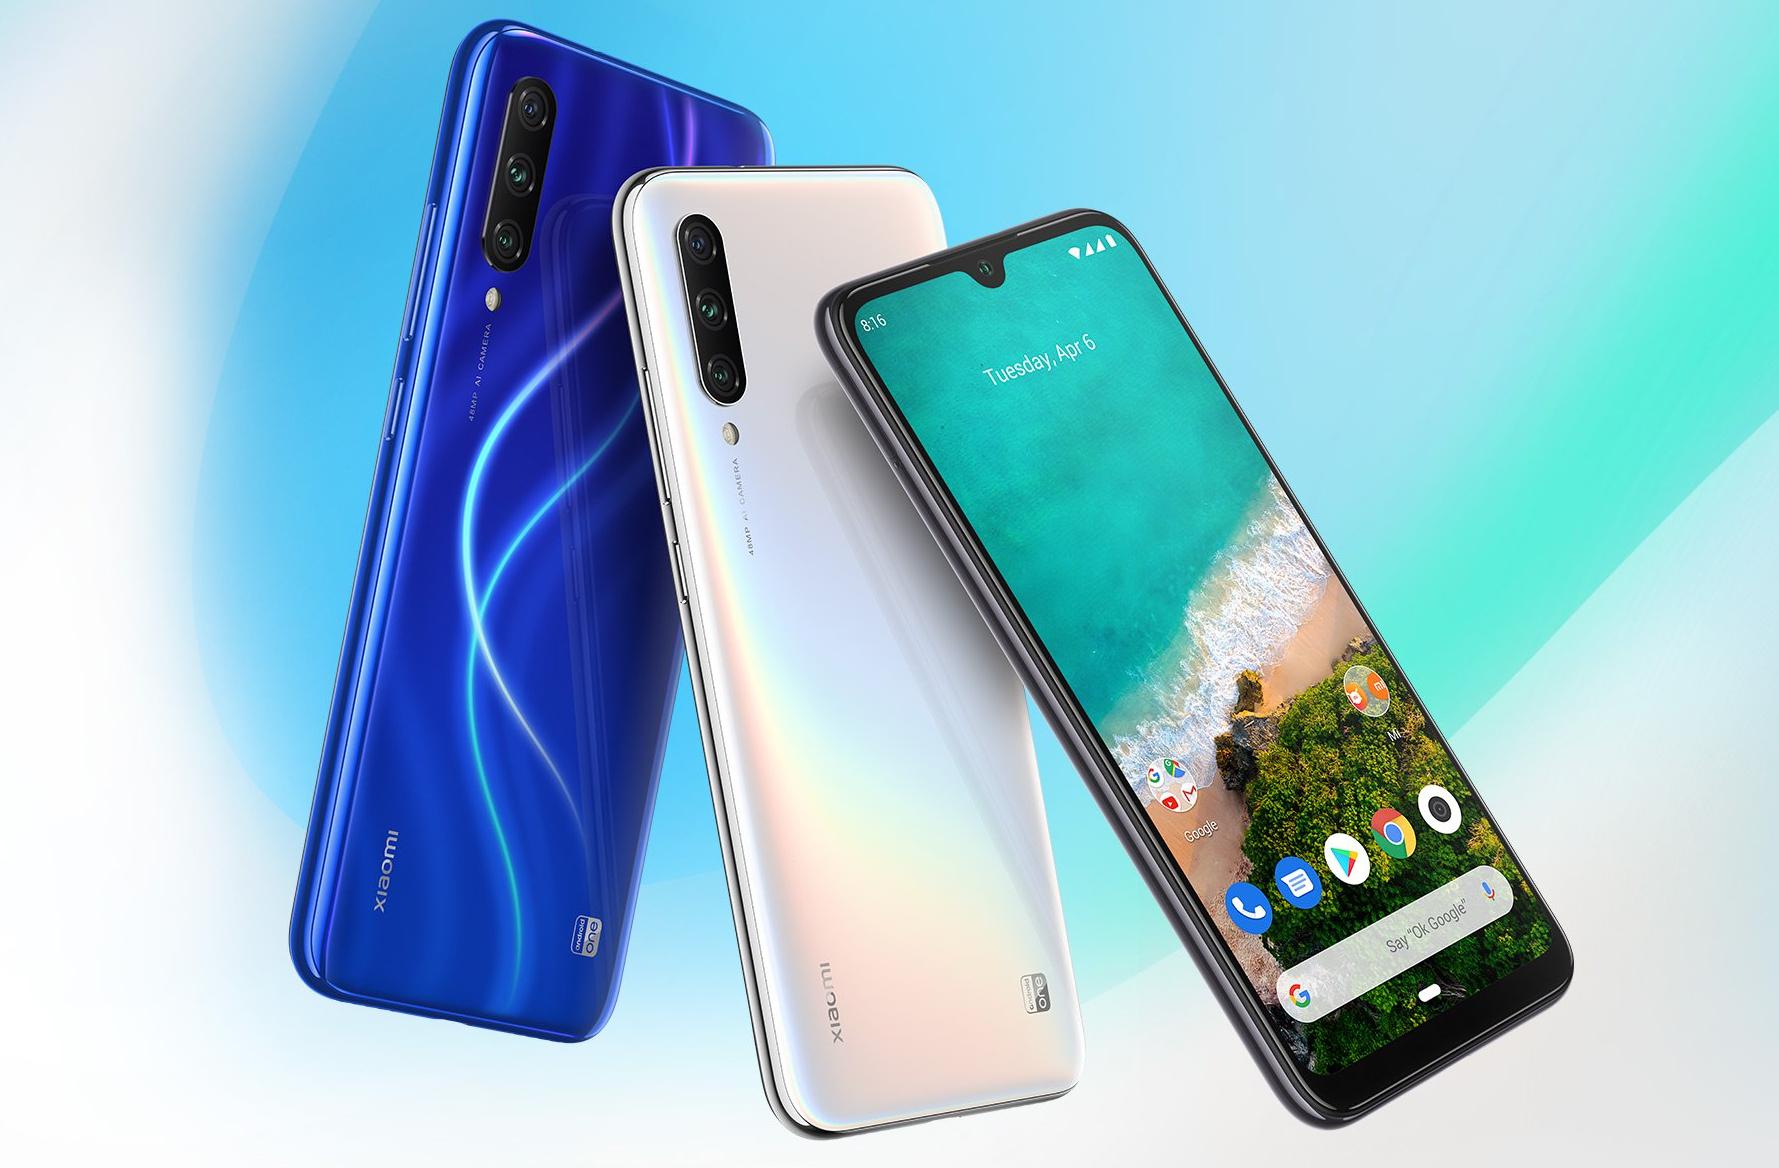 Las acciones de Xiaomi se desploman tras meter EEUU a la compañía china de móviles en su lista negra